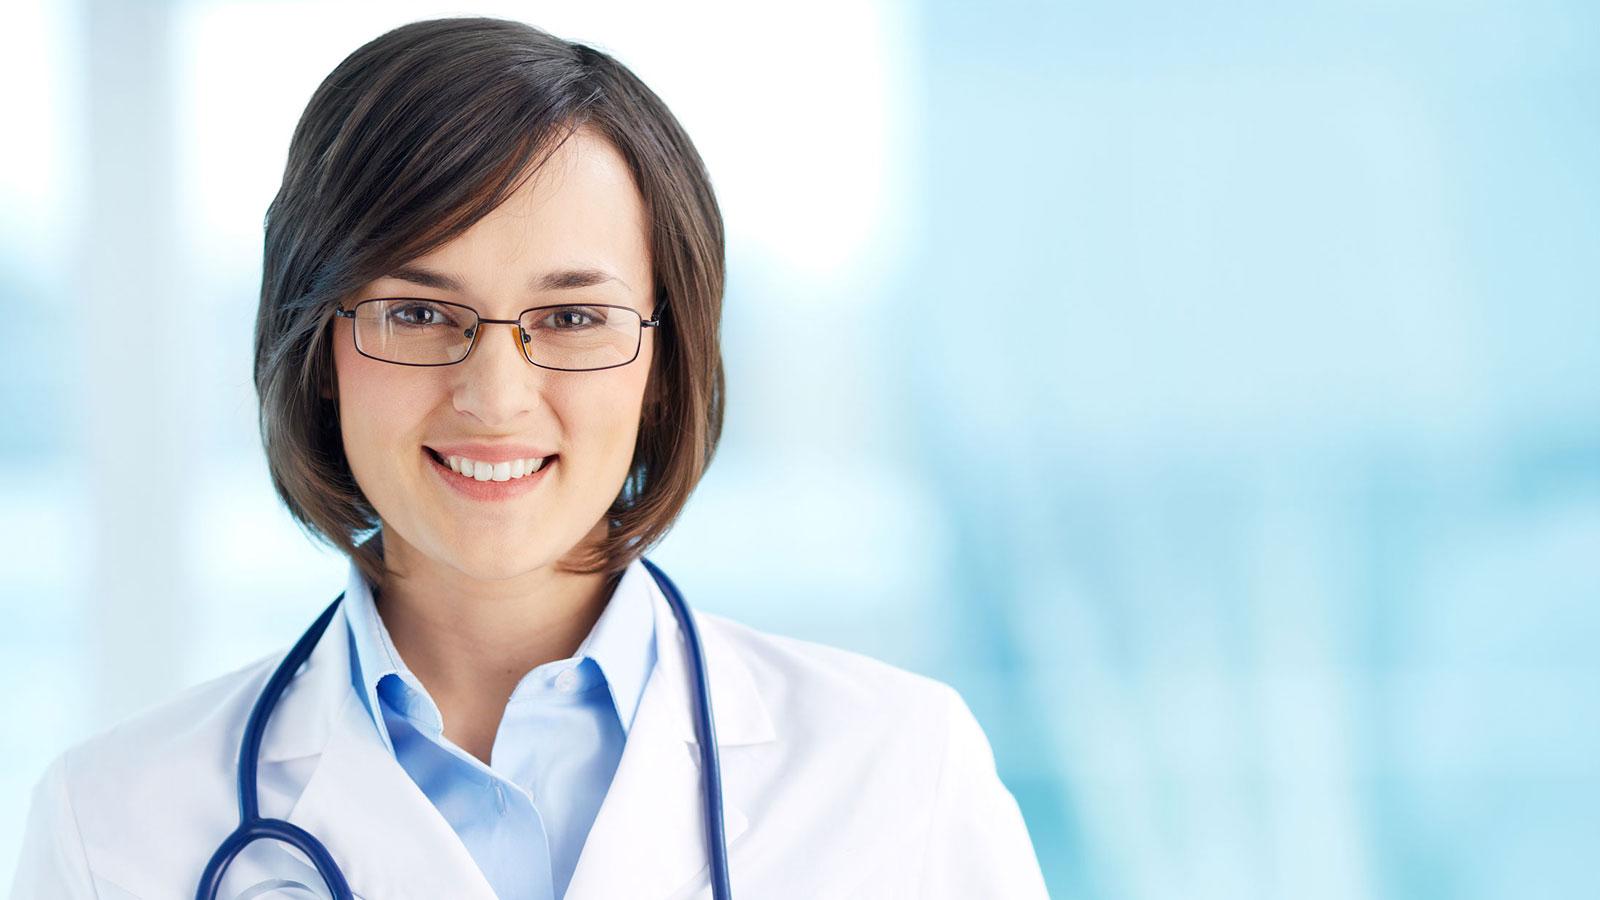 Website Design for Doctor